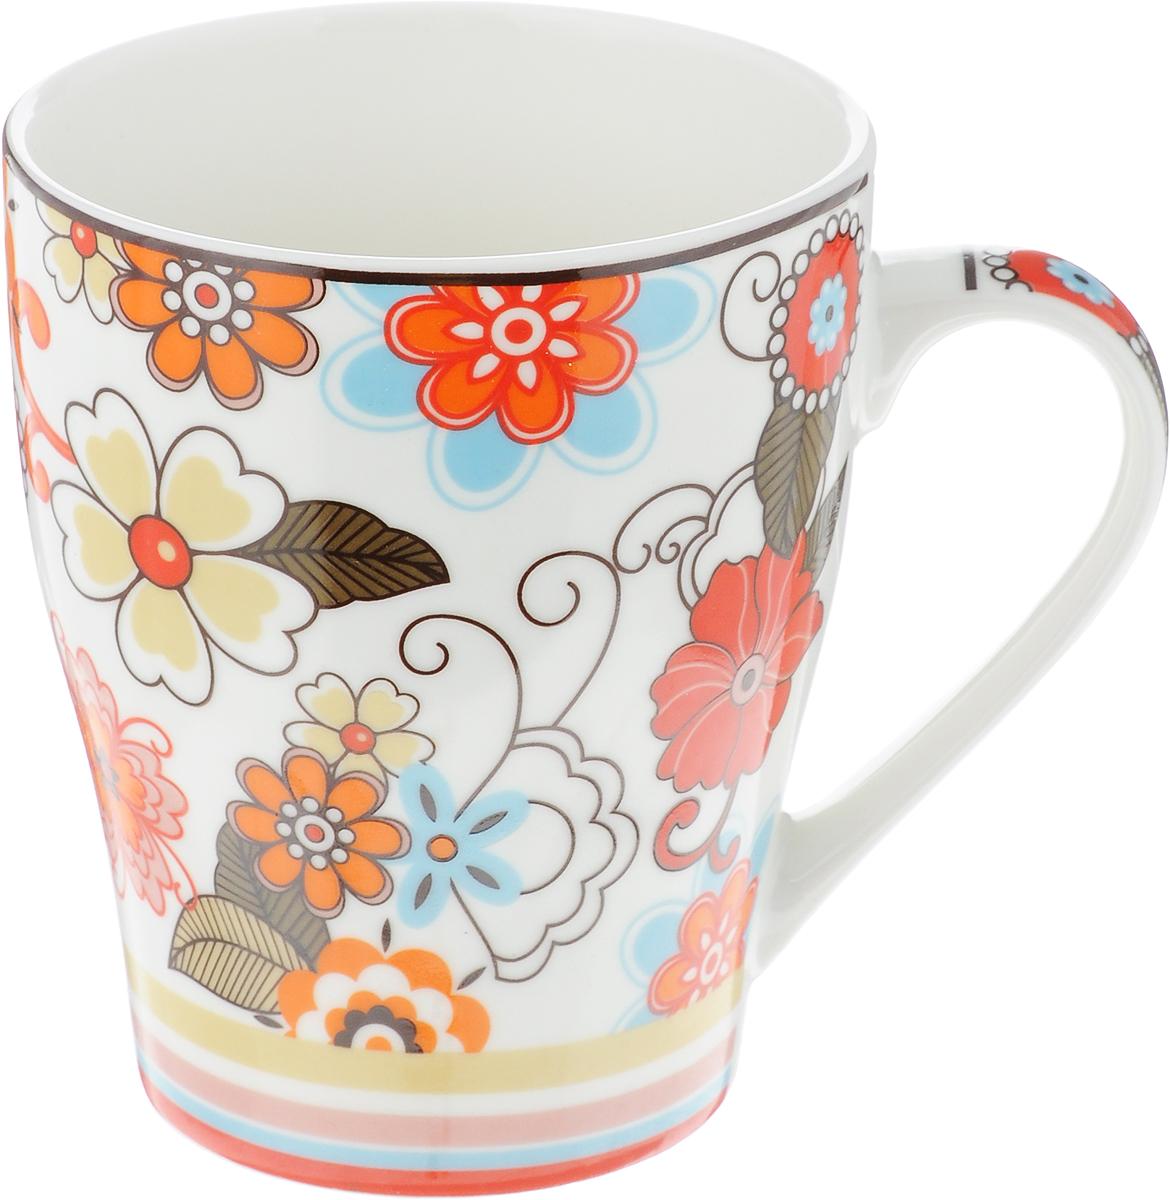 Кружка Доляна Мария, цвет: белый, оранжевый, 300 мл391602Кружка Доляна Мария изготовлена из высококачественной керамики. Изделие оформлено красочным рисунком и покрыто превосходной сверкающей глазурью. Изысканная кружка прекрасно оформит стол к чаепитию и станет его неизменным атрибутом.Диаметр кружки (по верхнему краю): 8,5 см.Высота кружки: 10,5 см.